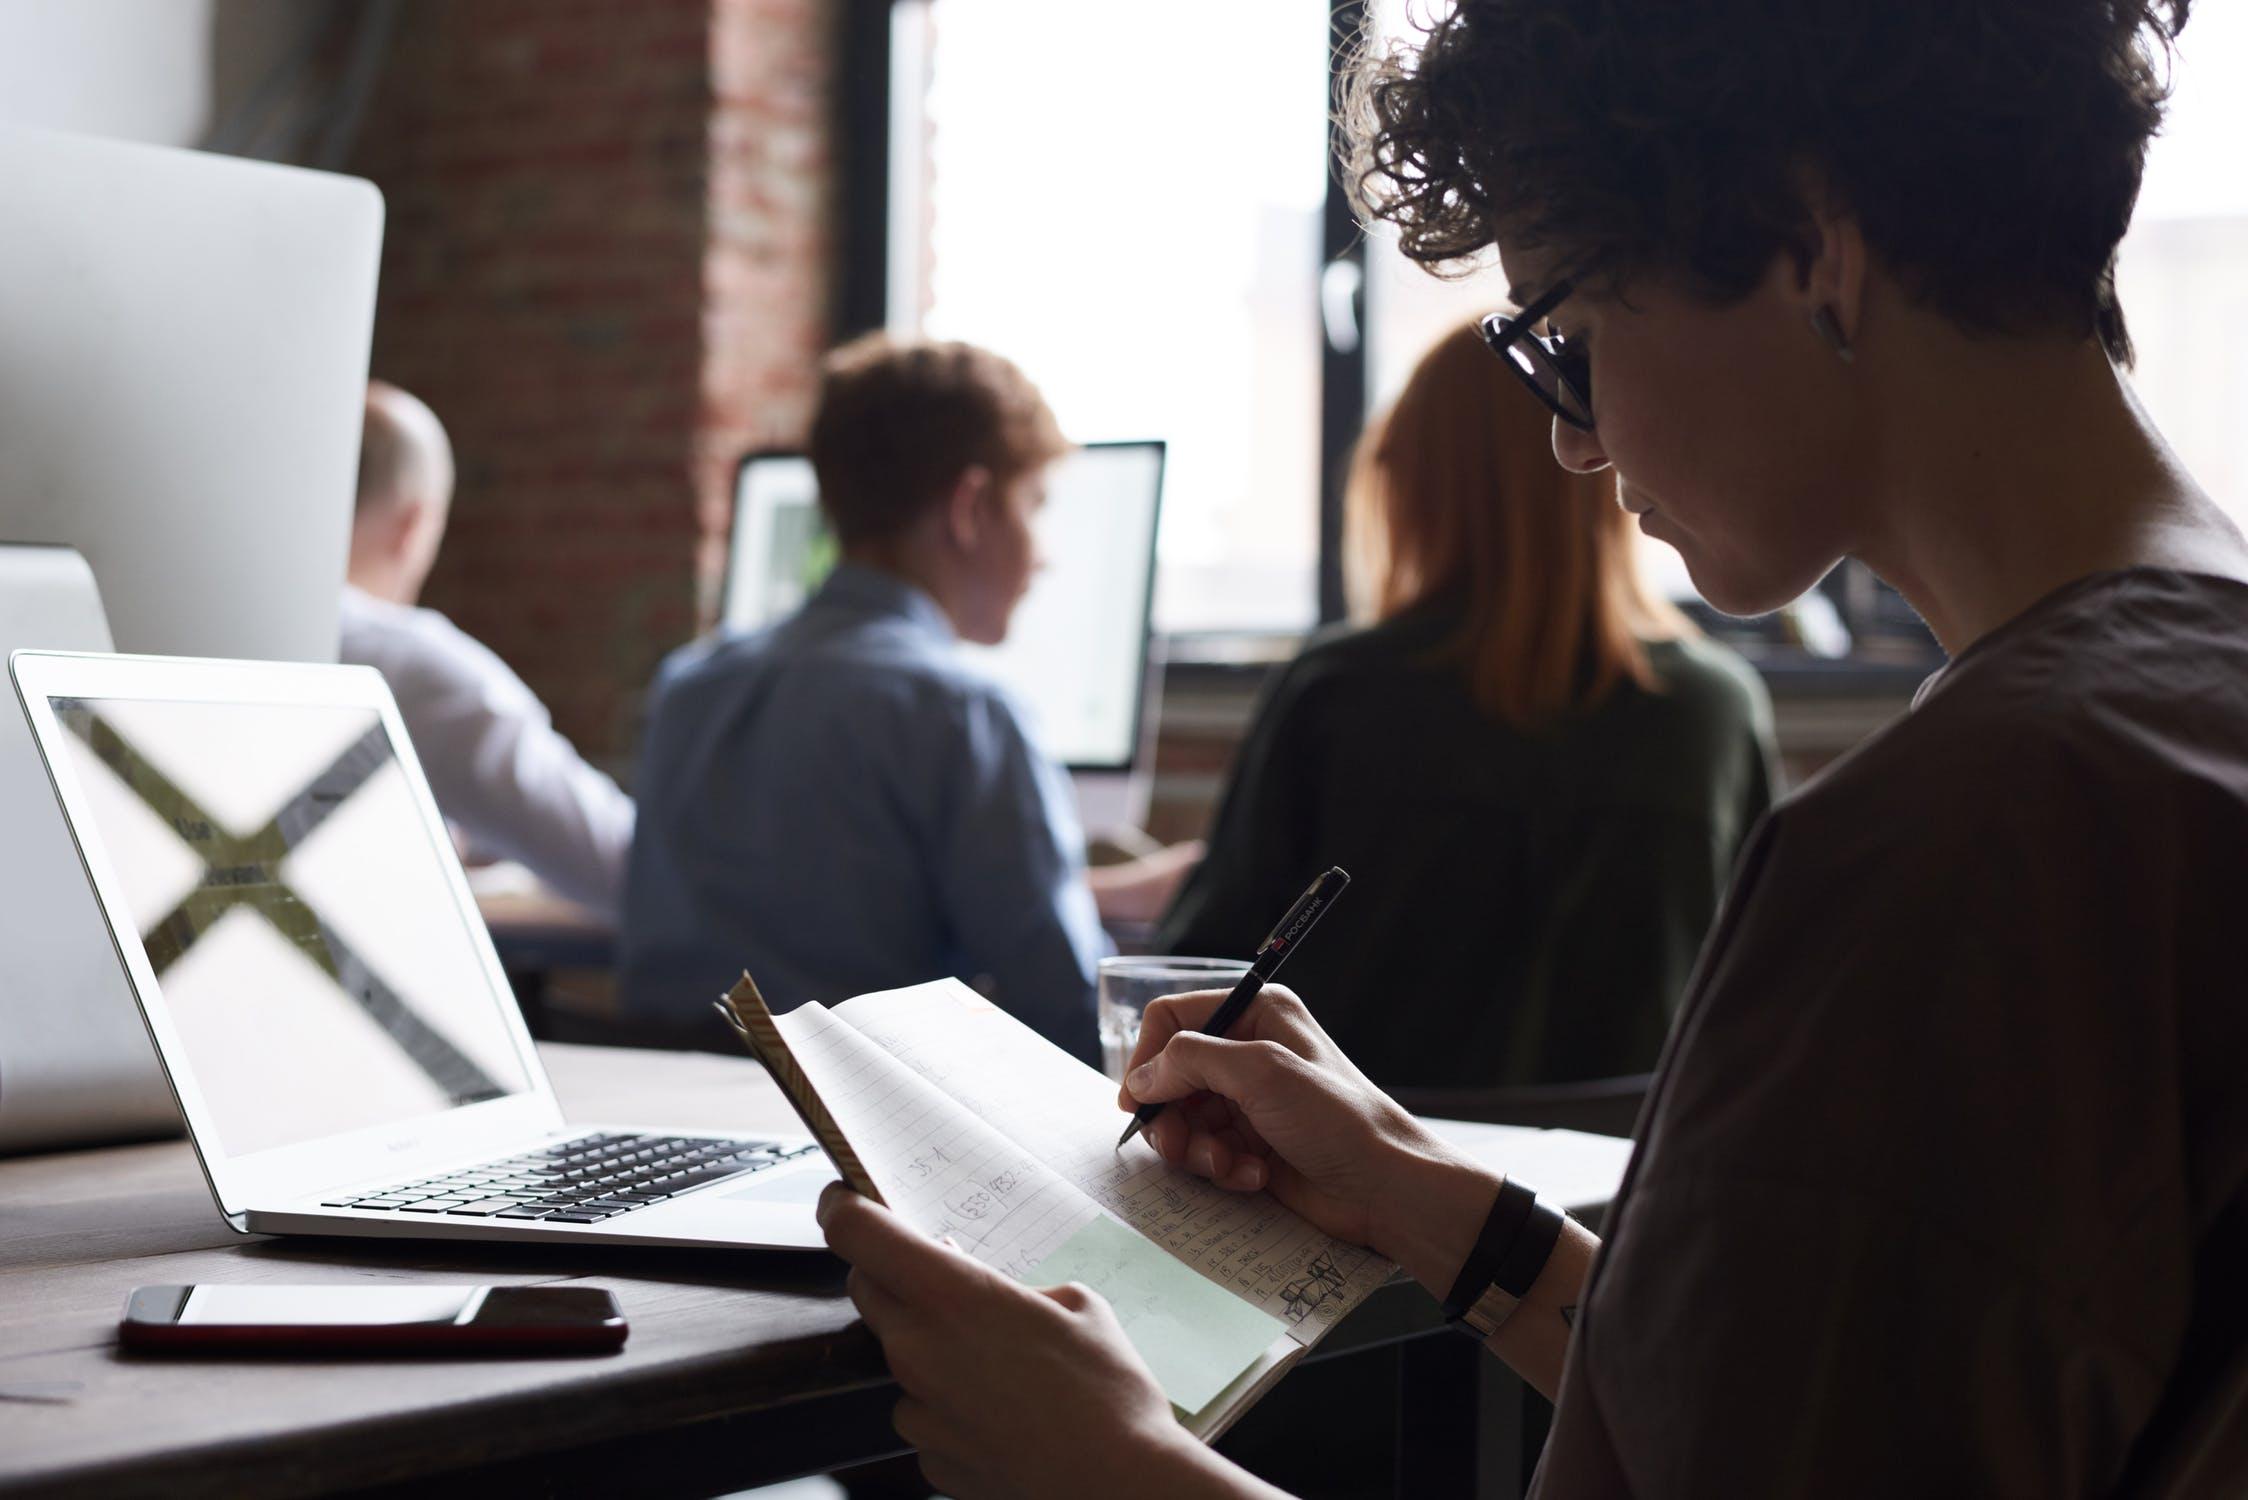 Handschrift-Coaching kann zur Selbstwertsteigerung und Persönlichkeitsoptimierung beitragen. Abbildung: Pexels